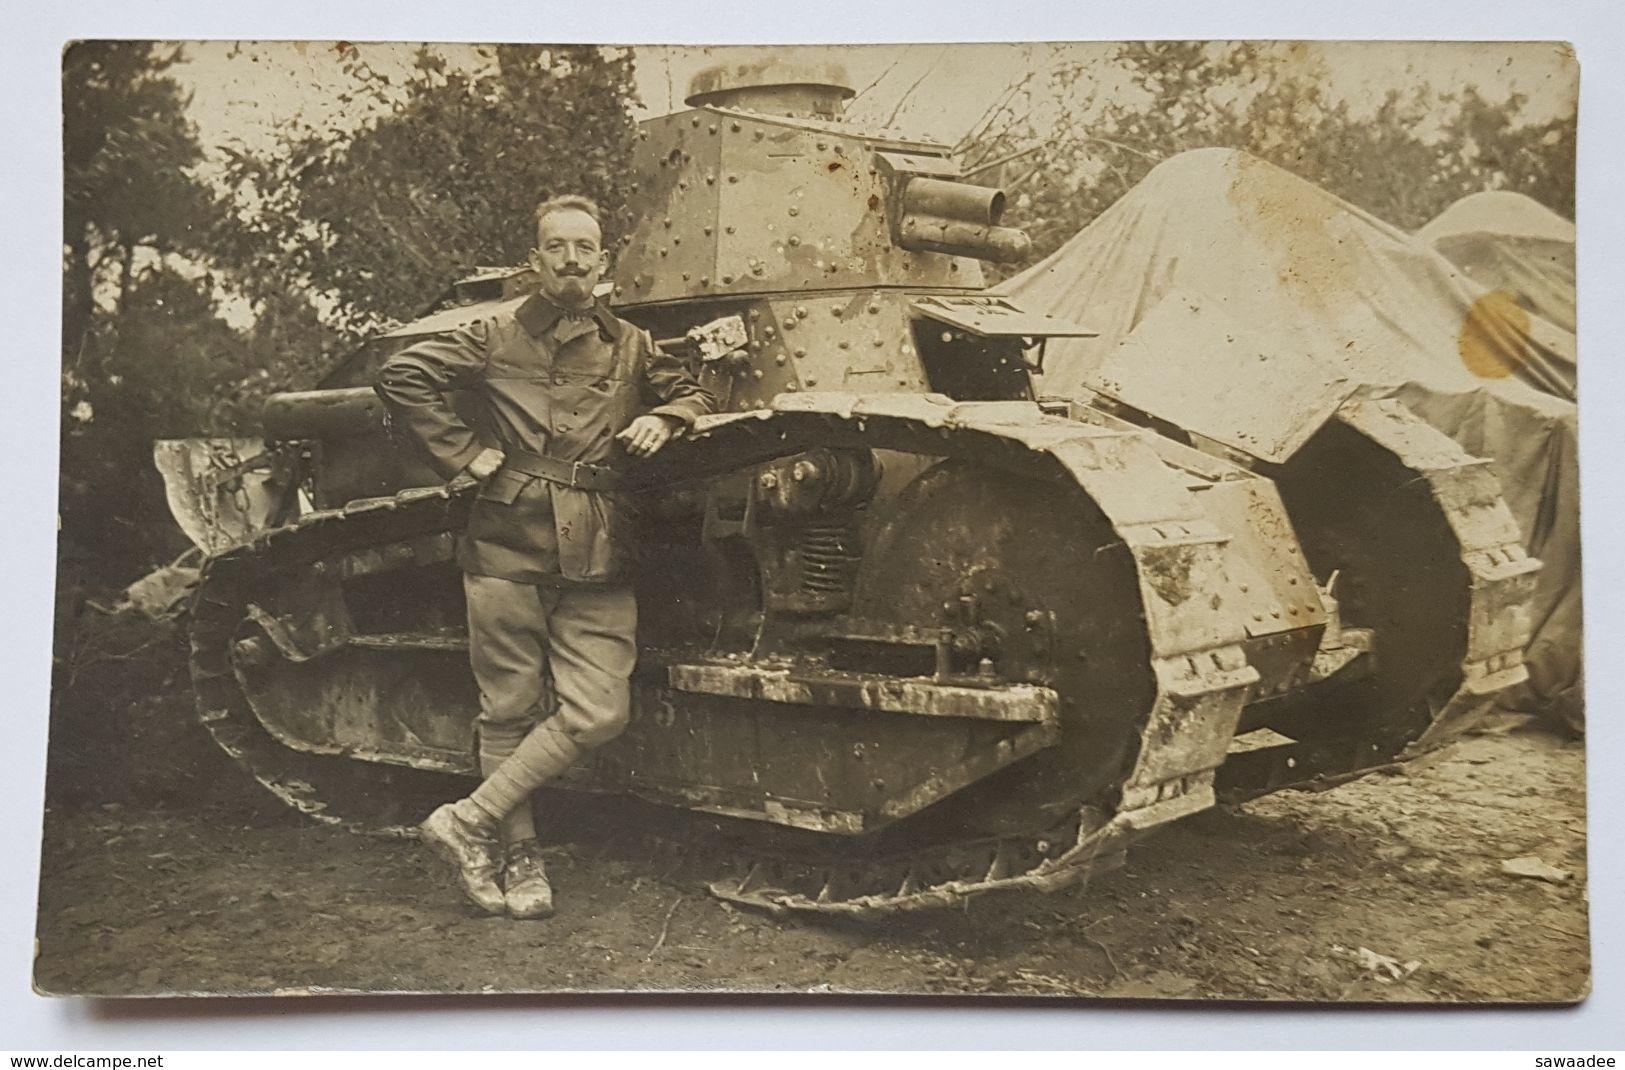 CARTE POSTALE - FRANCE - PHOTO - CHAR RENAULT FT - TEXTE AU DOS EN DATE 16/09/1918 - MECANICIEN - TENUE - Guerre 1914-18